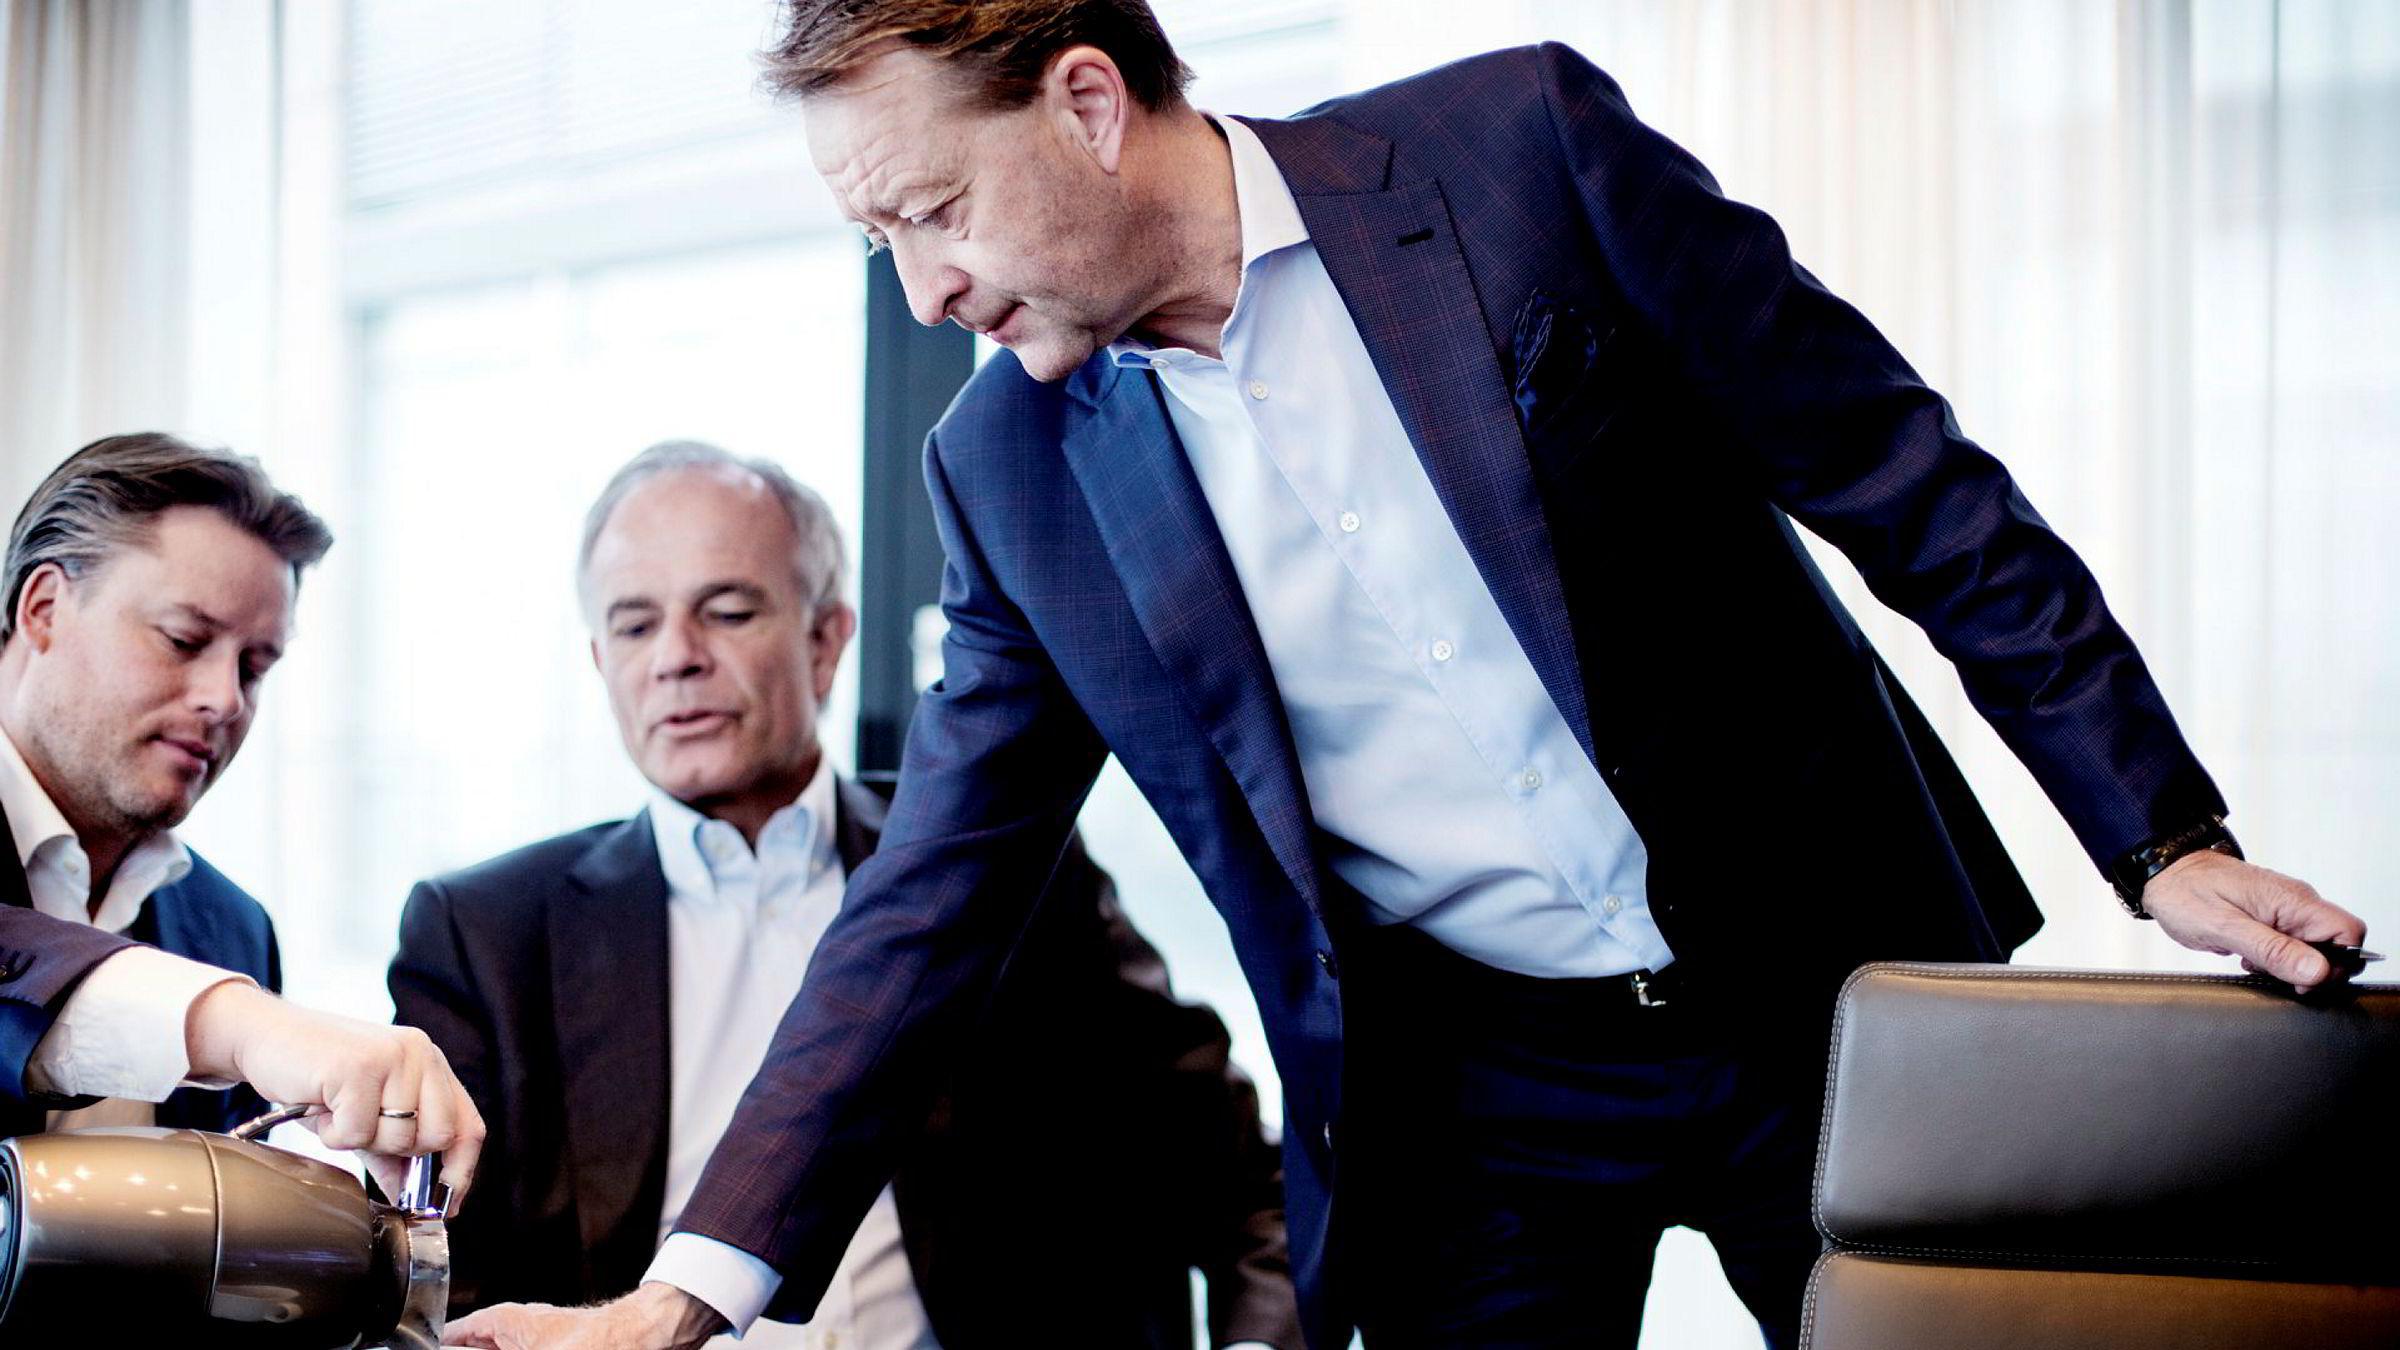 Fra sitt hovedkontor på Aker Brygge har Bjørn Rune Gjelsten bygd milliardomsetning i Gjelsten Holding med en fot i flere bransjer. Nå kan en legemiddelinvestering gi stor fremtidig avkastning hvis alt klaffer. Fra venstre sitter Rune Marsdal og Henrik Schüssler.